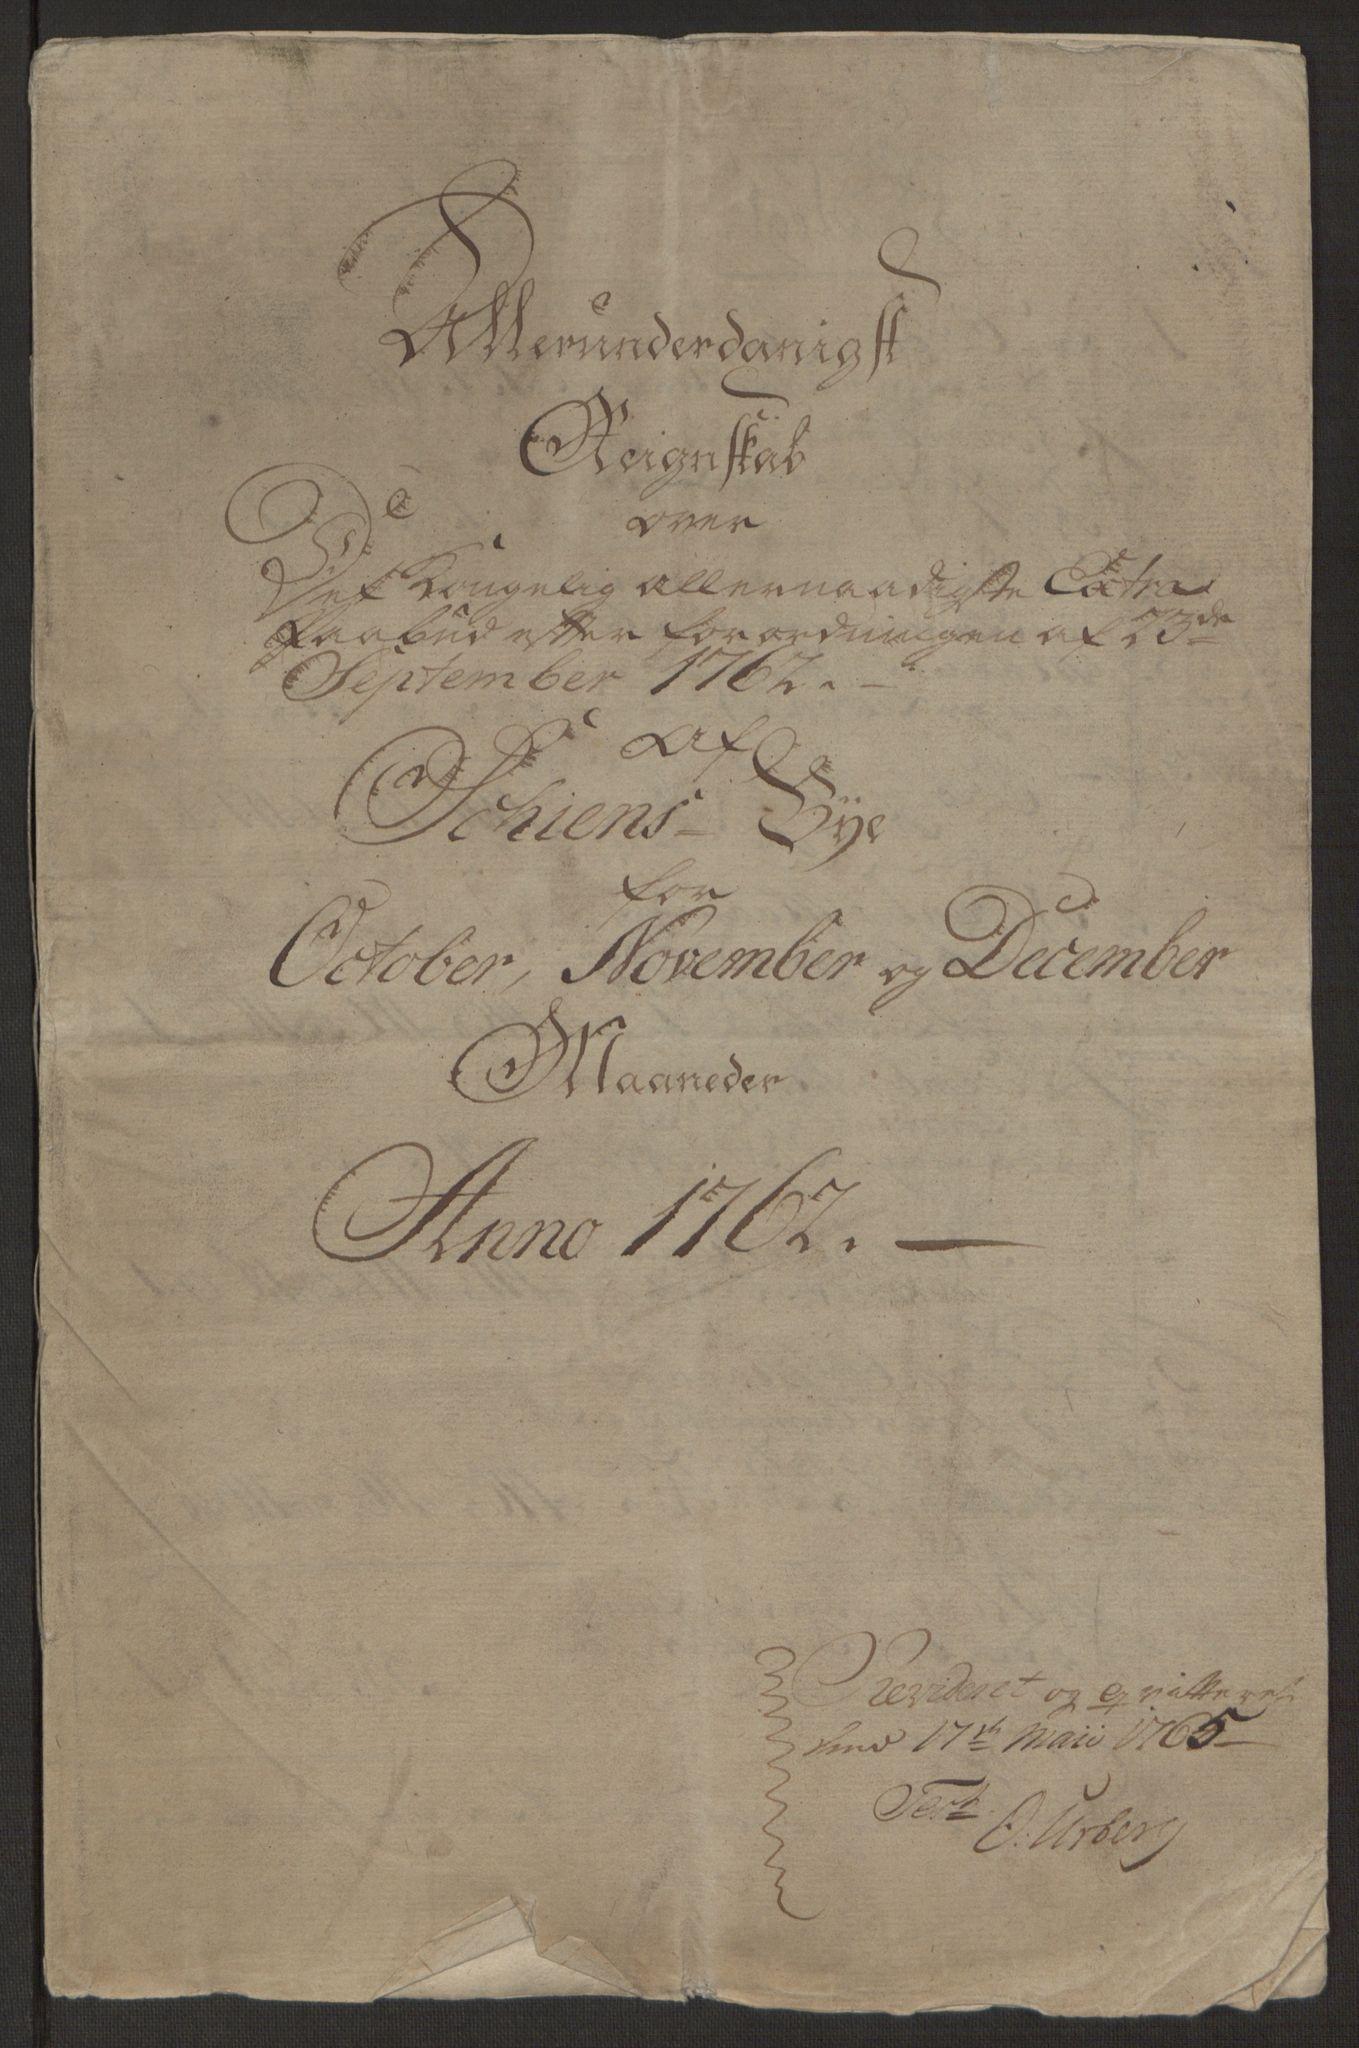 RA, Rentekammeret inntil 1814, Reviderte regnskaper, Byregnskaper, R/Rj/L0198: [J4] Kontribusjonsregnskap, 1762-1768, s. 4